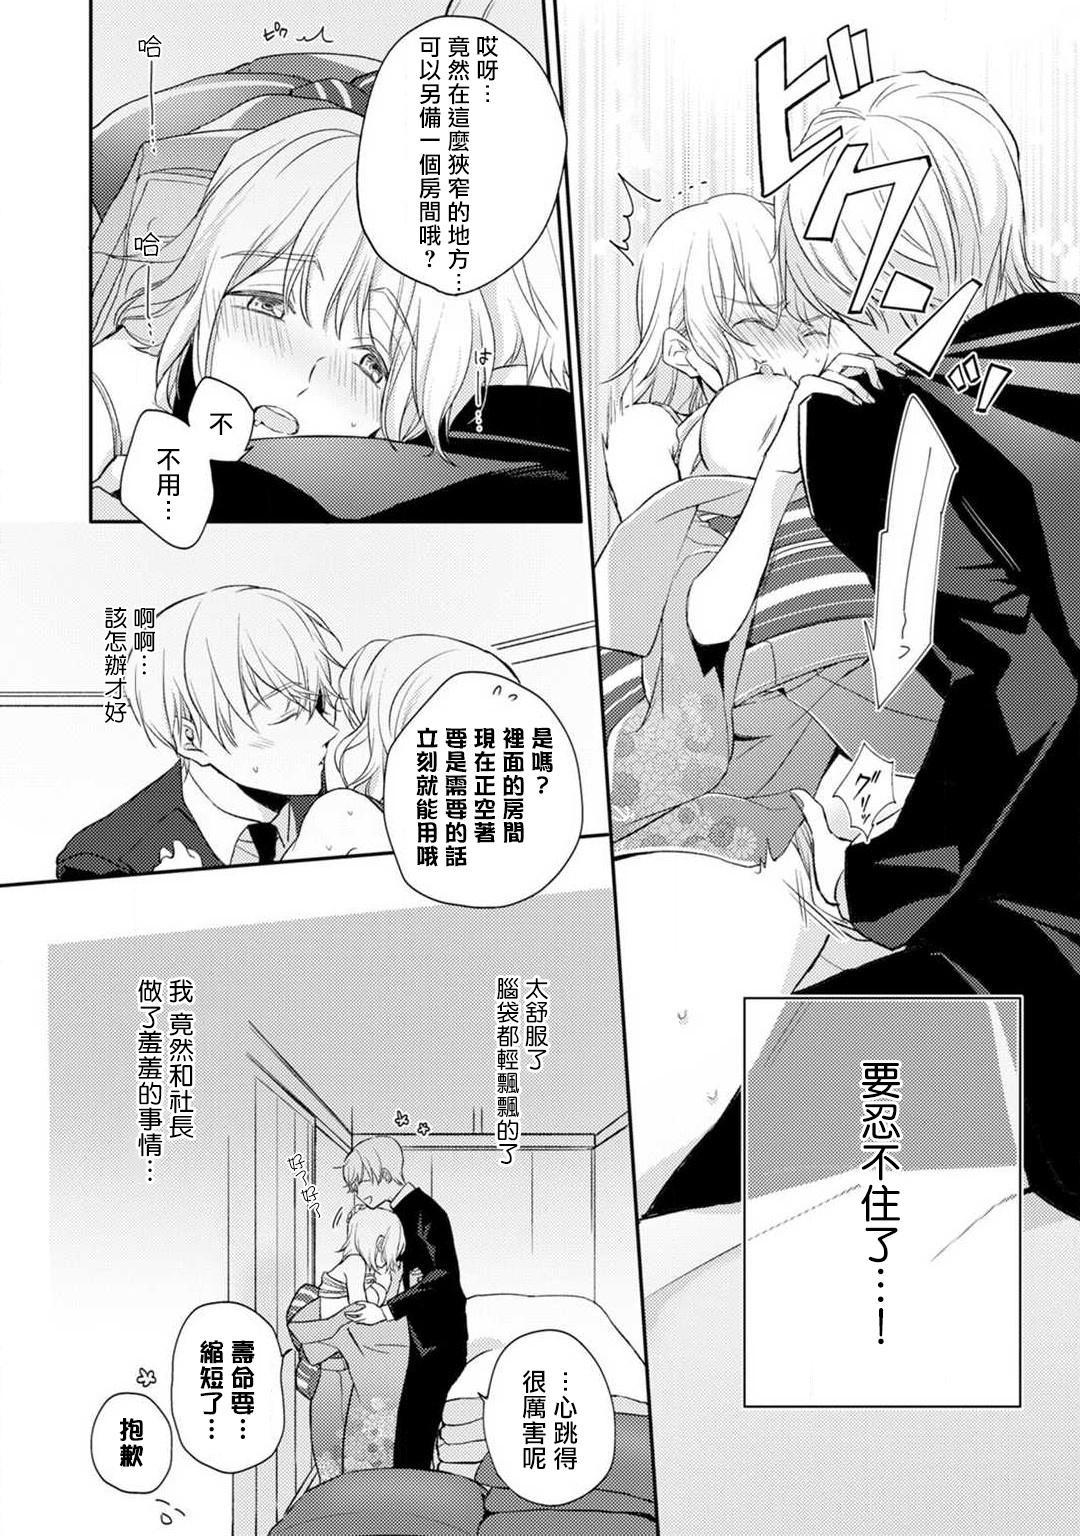 [Shichigatsu Motomi]  Sonna Kao shite, Sasotteru? ~Dekiai Shachou to Migawari Omiaikekkon!?~ 1-11  這種表情,在誘惑我嗎?~溺愛社長和替身相親結婚!? [Chinese] [拾荒者汉化组] 24